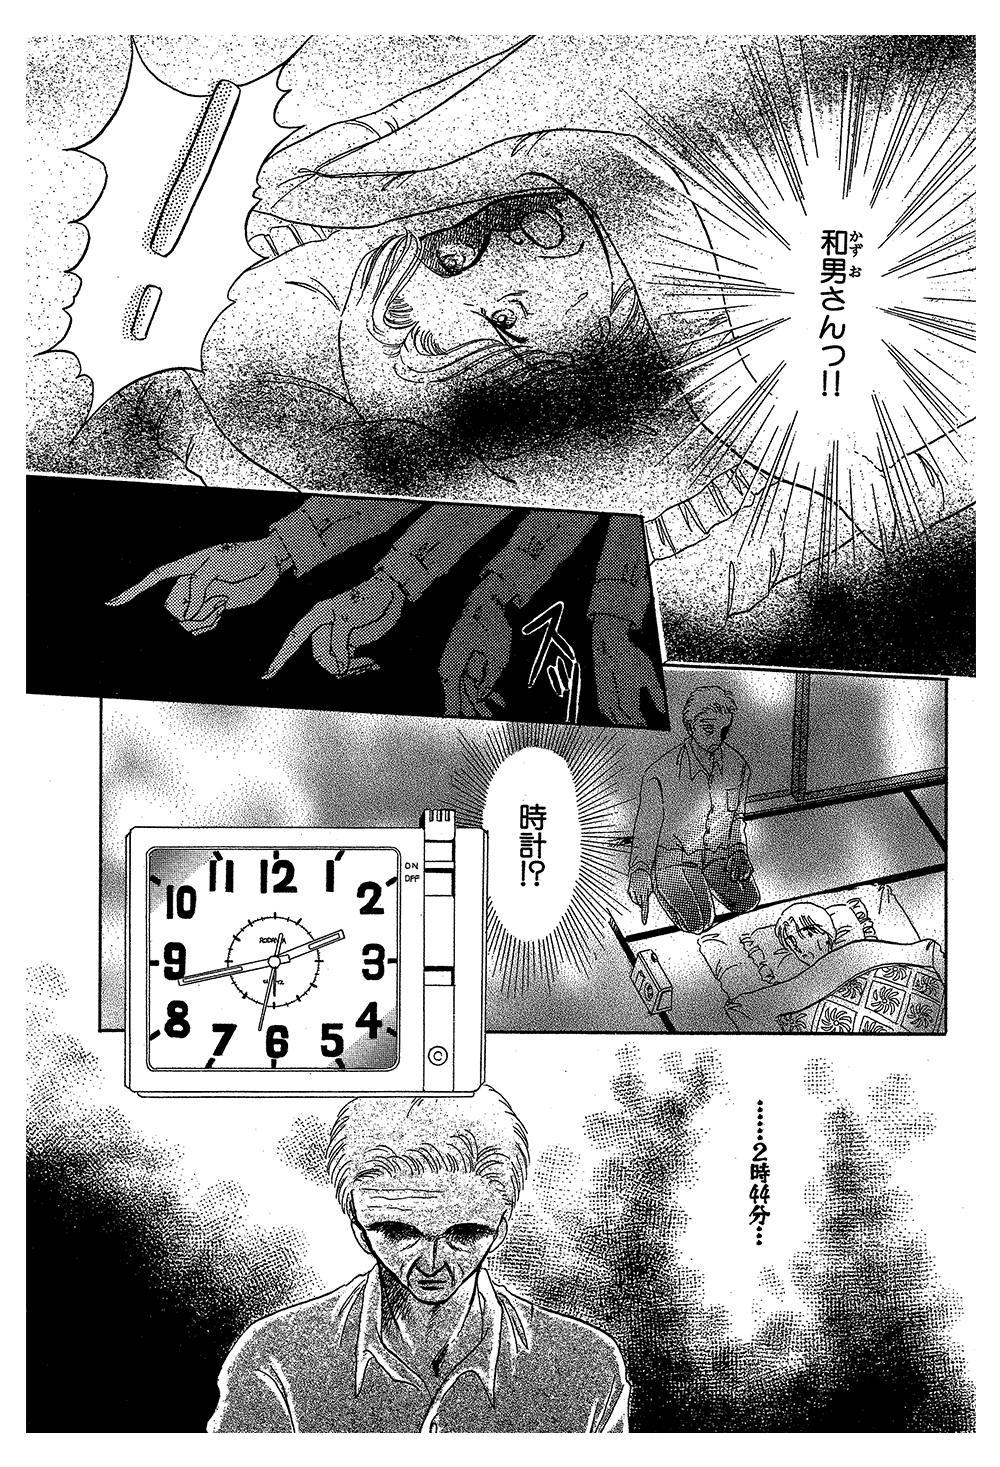 霊感ママシリーズ 第1話「花の陰影」③reikan27.jpg